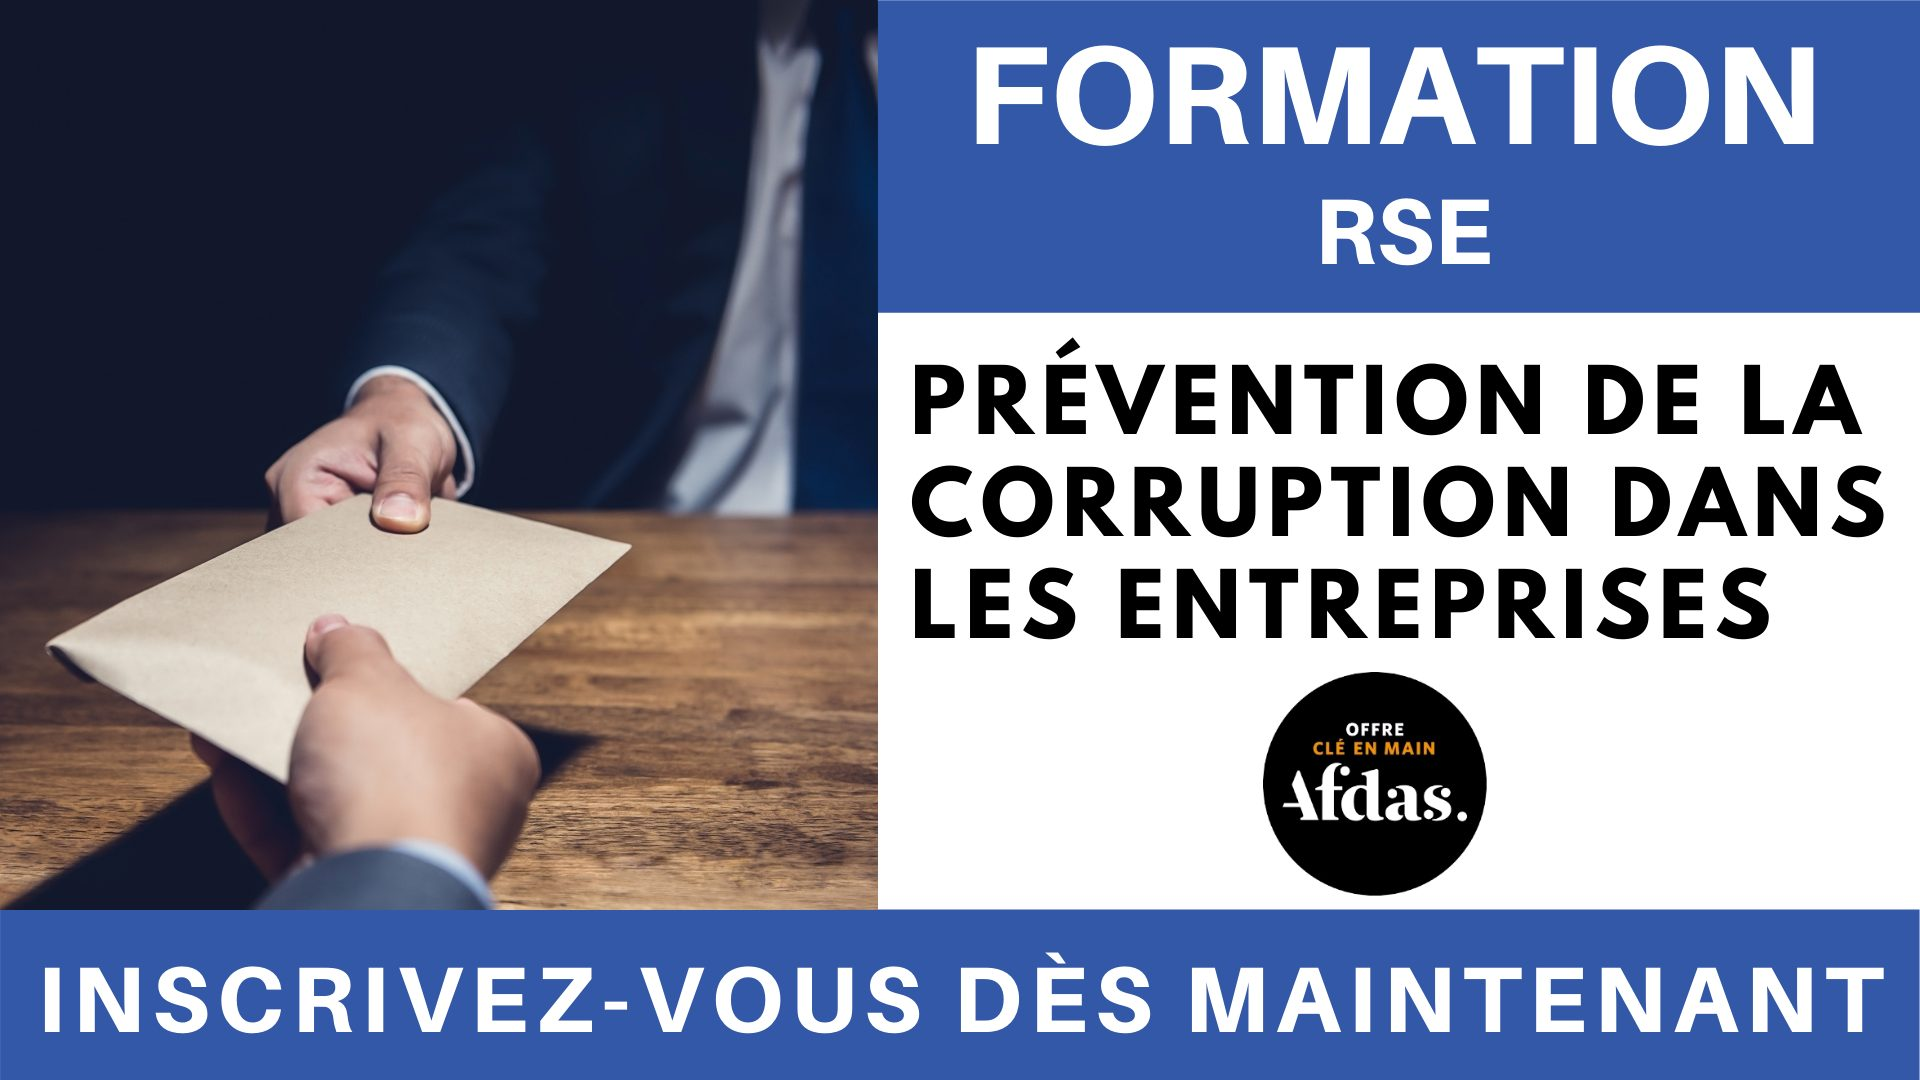 Formation RSE - prévention de la corruption dans les entreprises